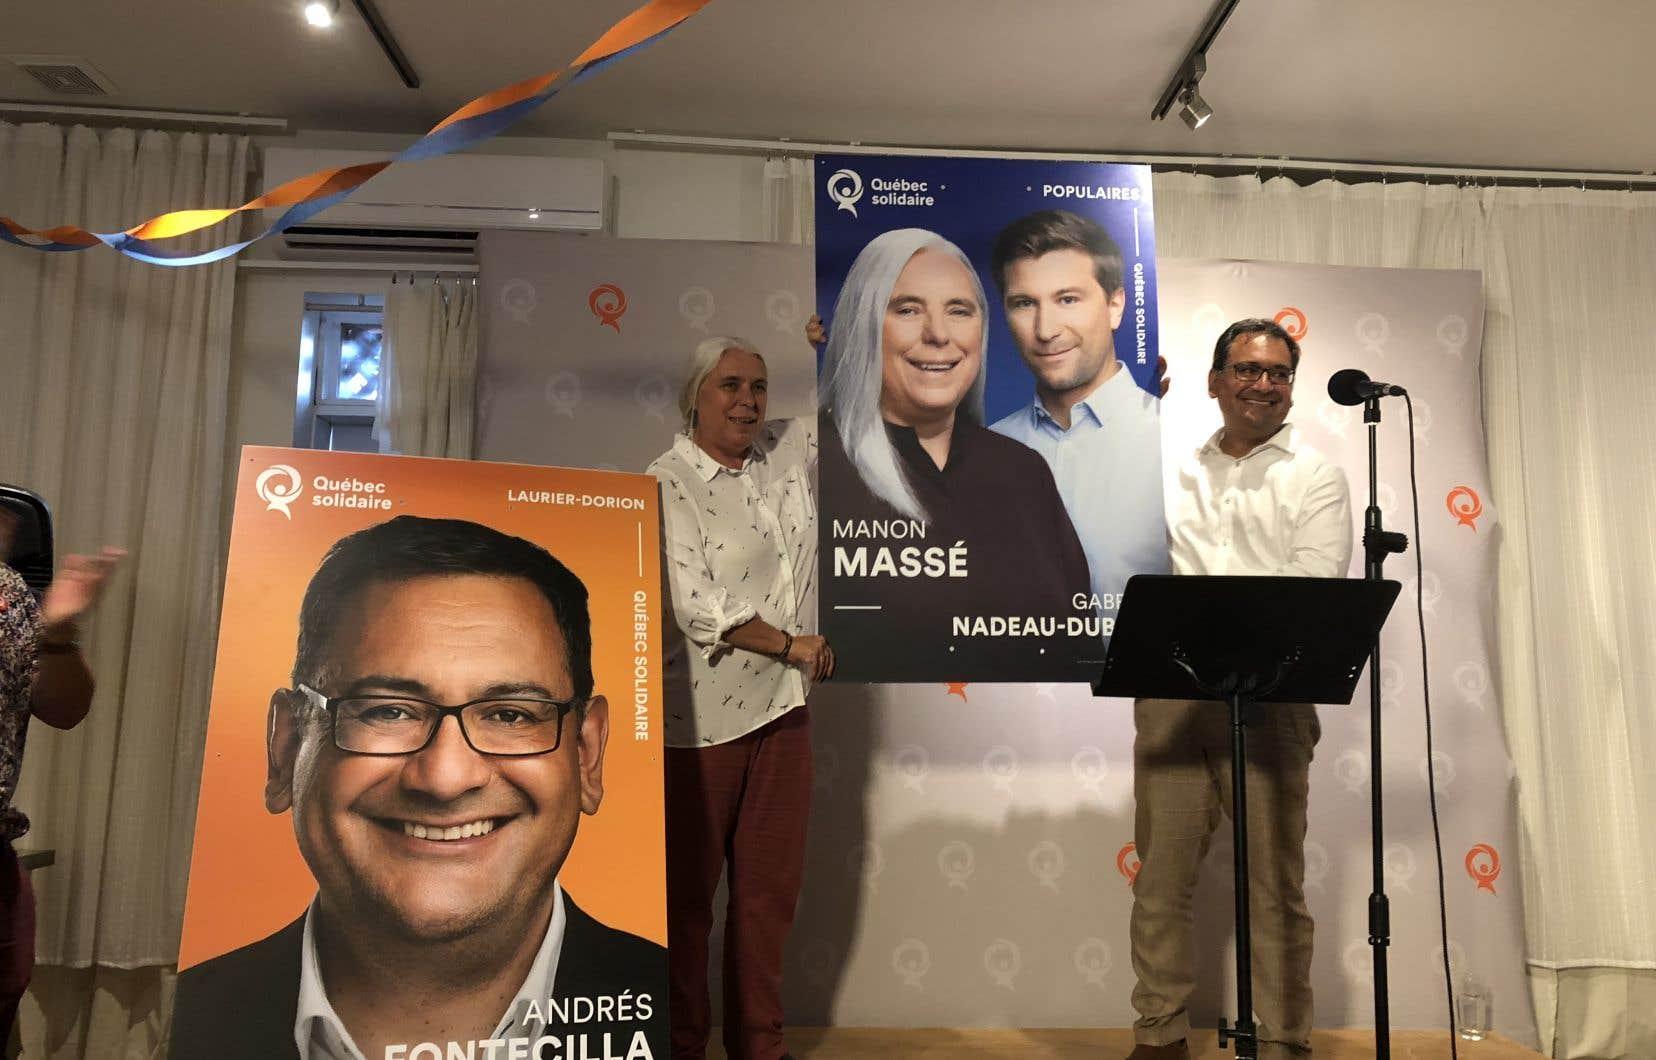 Les candidats solidaires Manon Massé et Andrés Fontecilla présentent les pancartes électorales du parti, arborant son nouveau slogan.